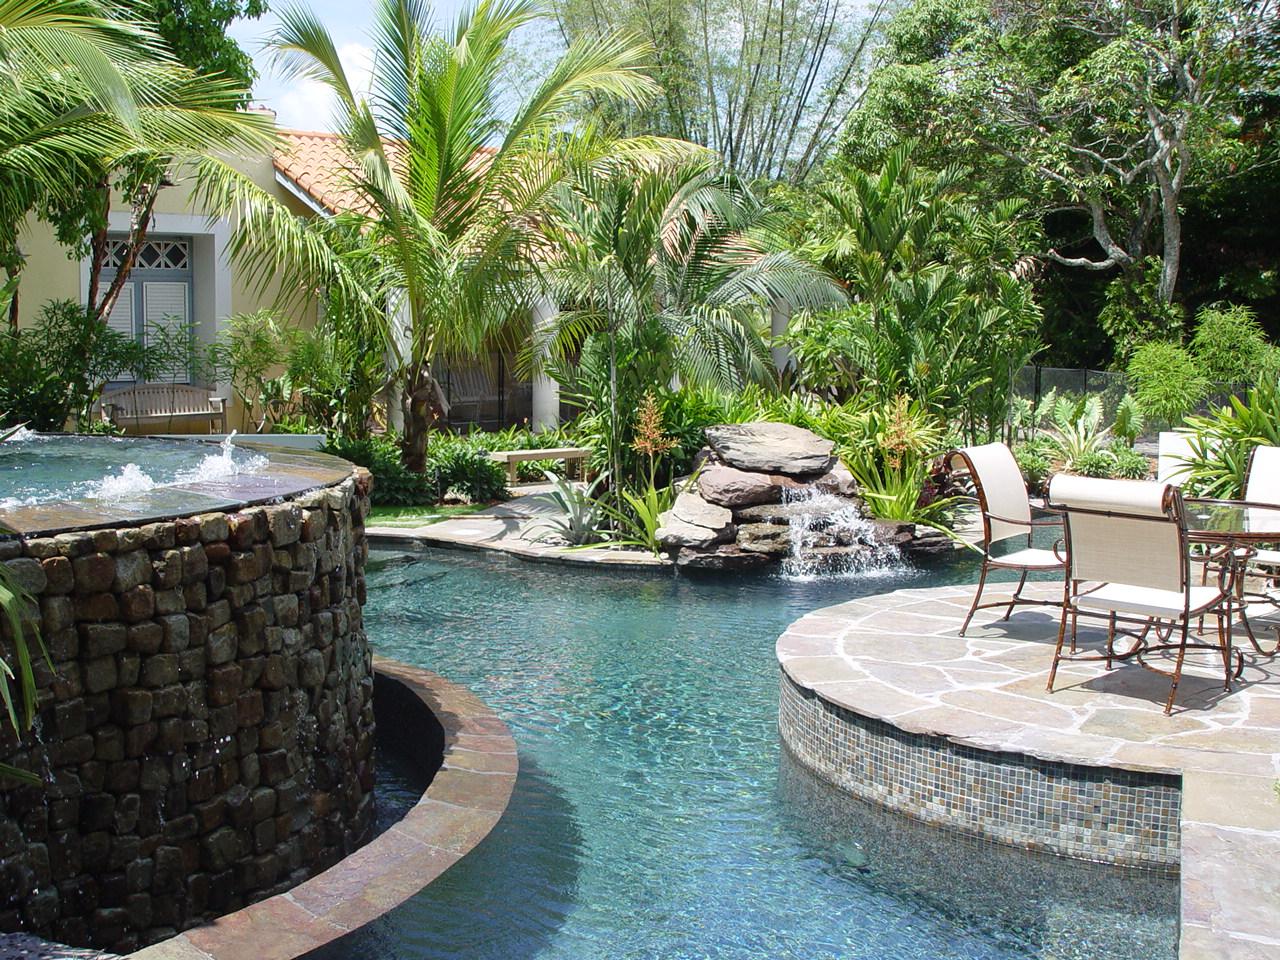 North pool view.JPG